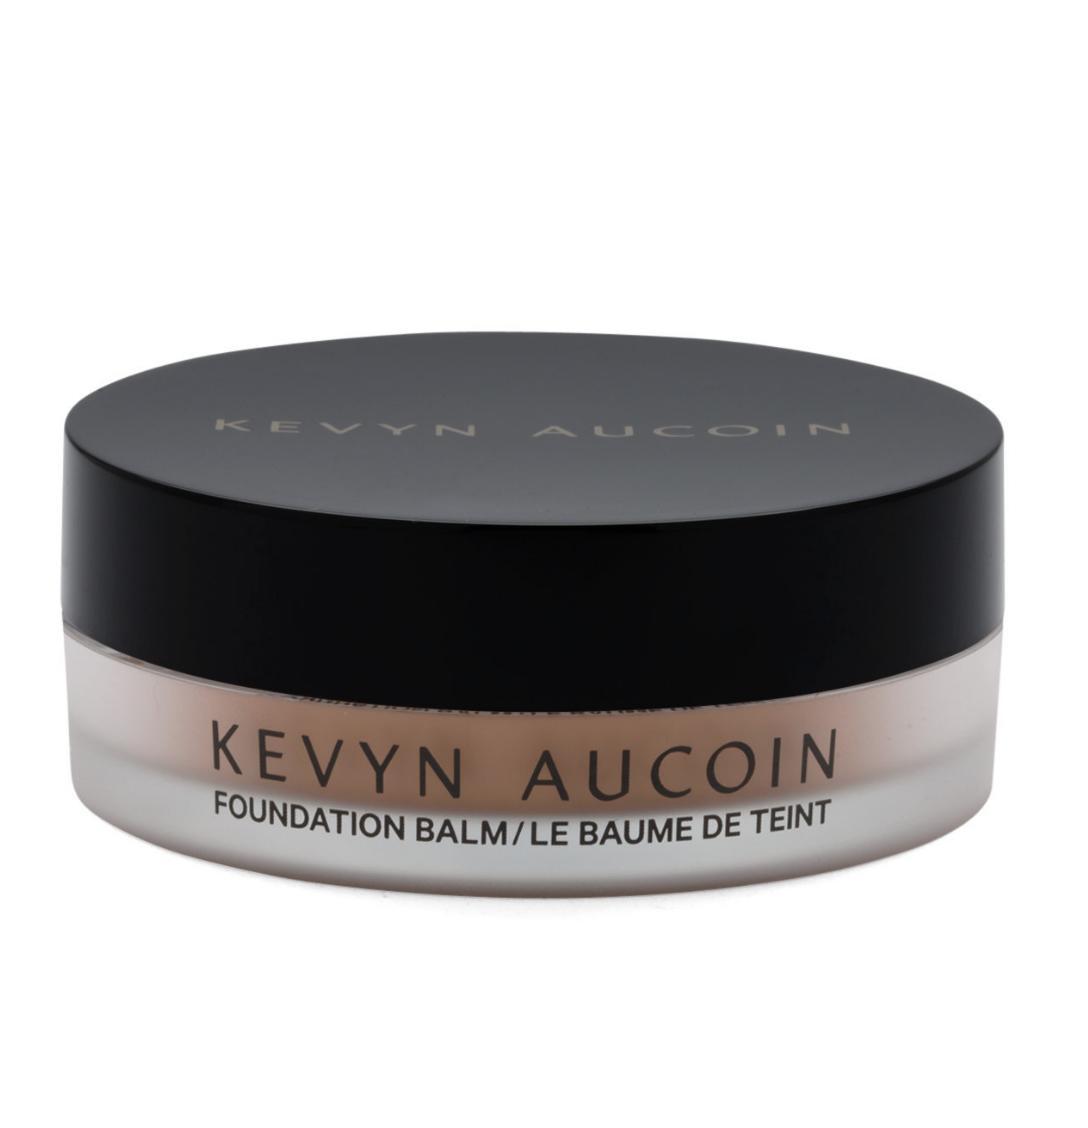 Kevyn Aucoin Foundation Balm Medium FB10.5